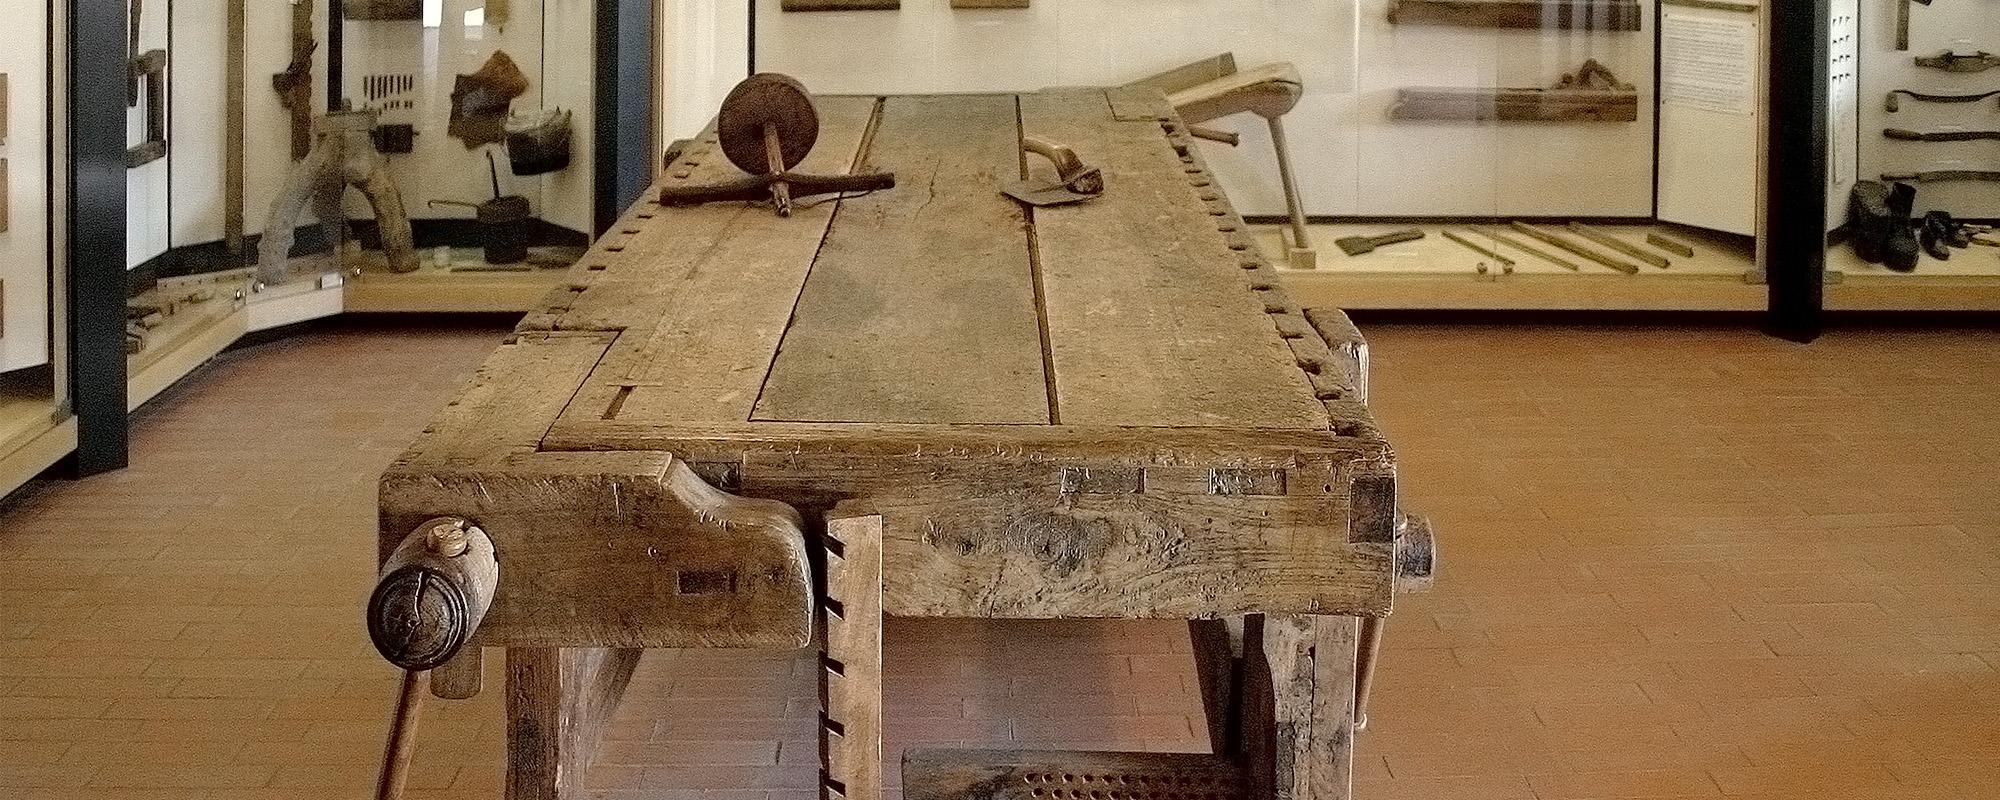 Tavoli in legno vecchio realizzati come documentano le foto